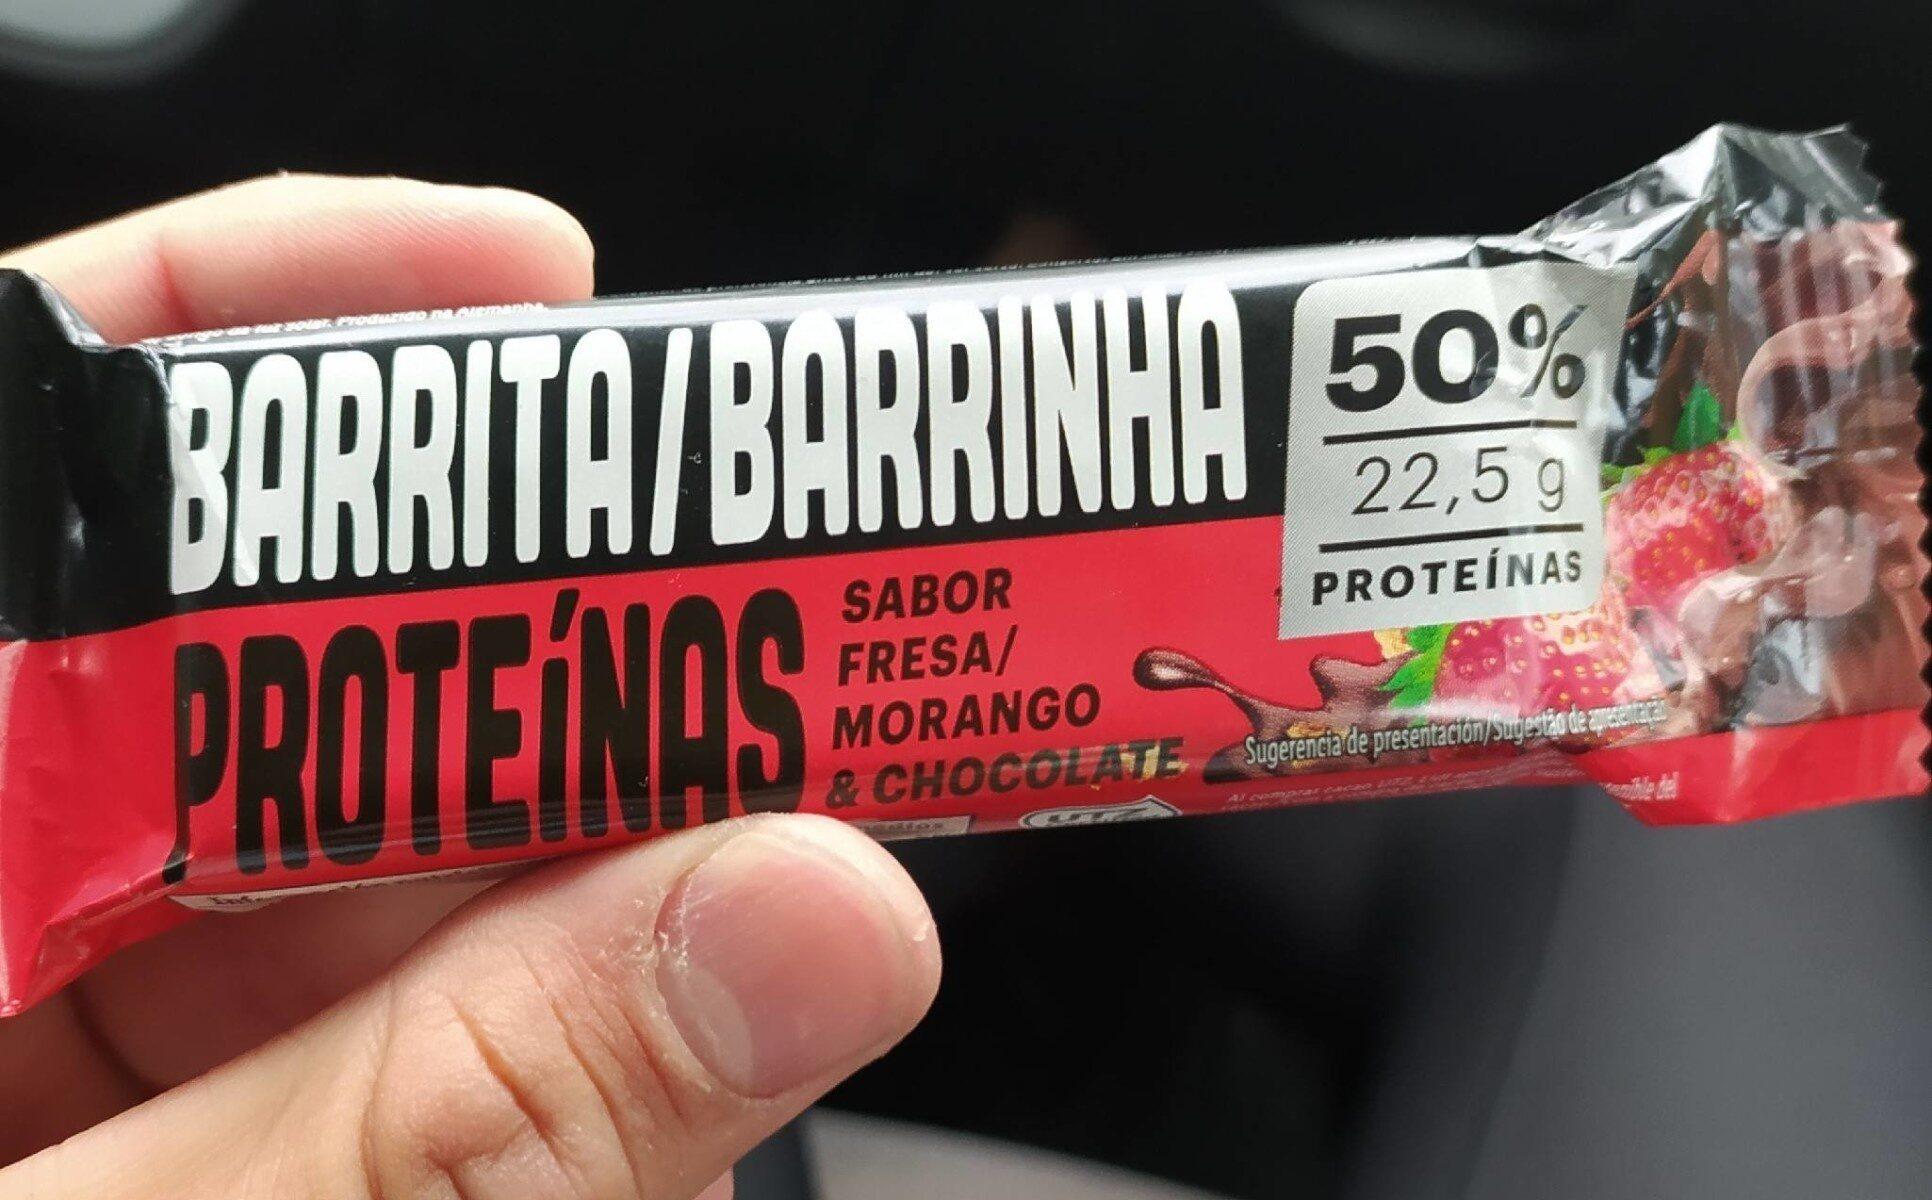 Barrita/Barrinha - Produkt - de